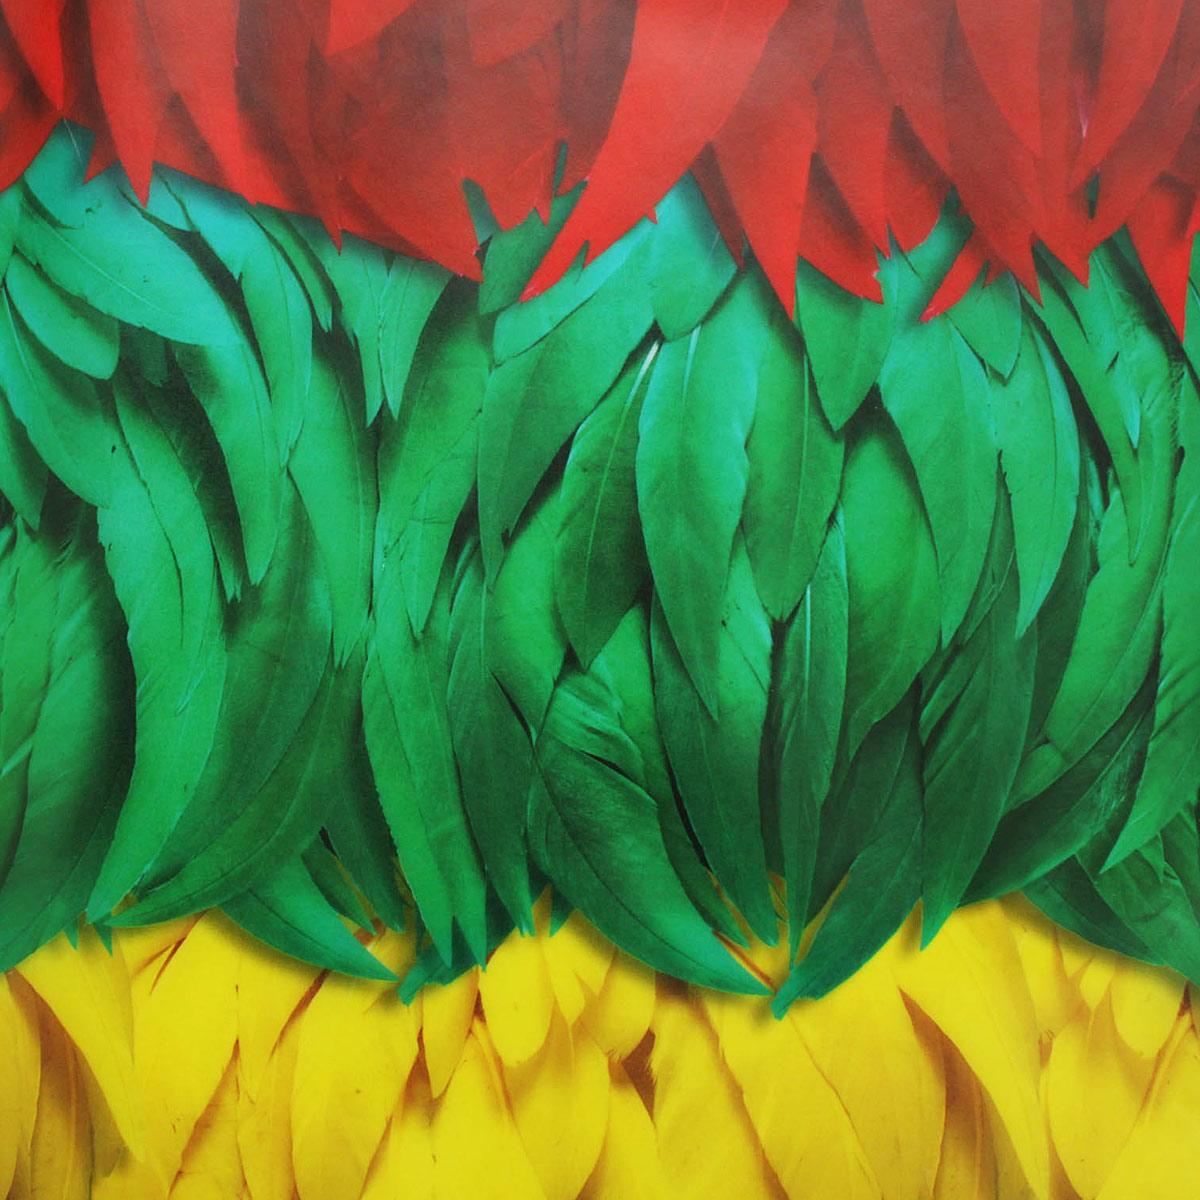 84105 Транспарентная бумага 'Перья', 115 г/м², 50,5*70 см, Folia